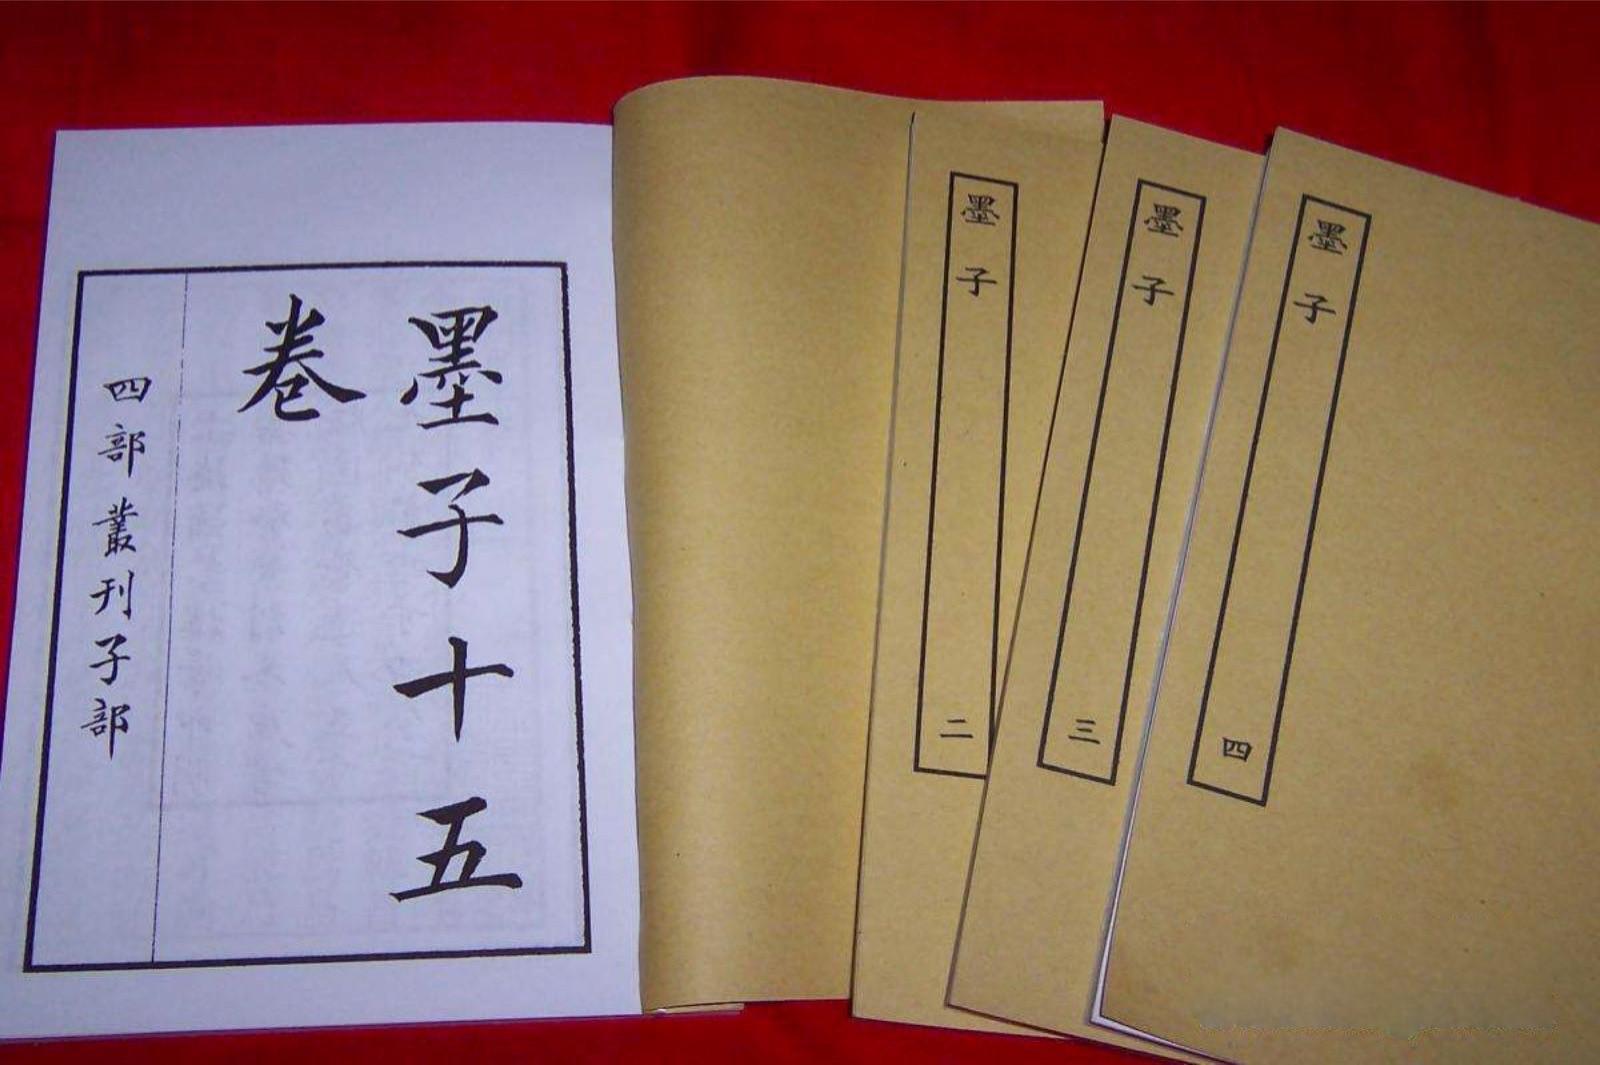 古书重现--墨子十五卷系列丛书